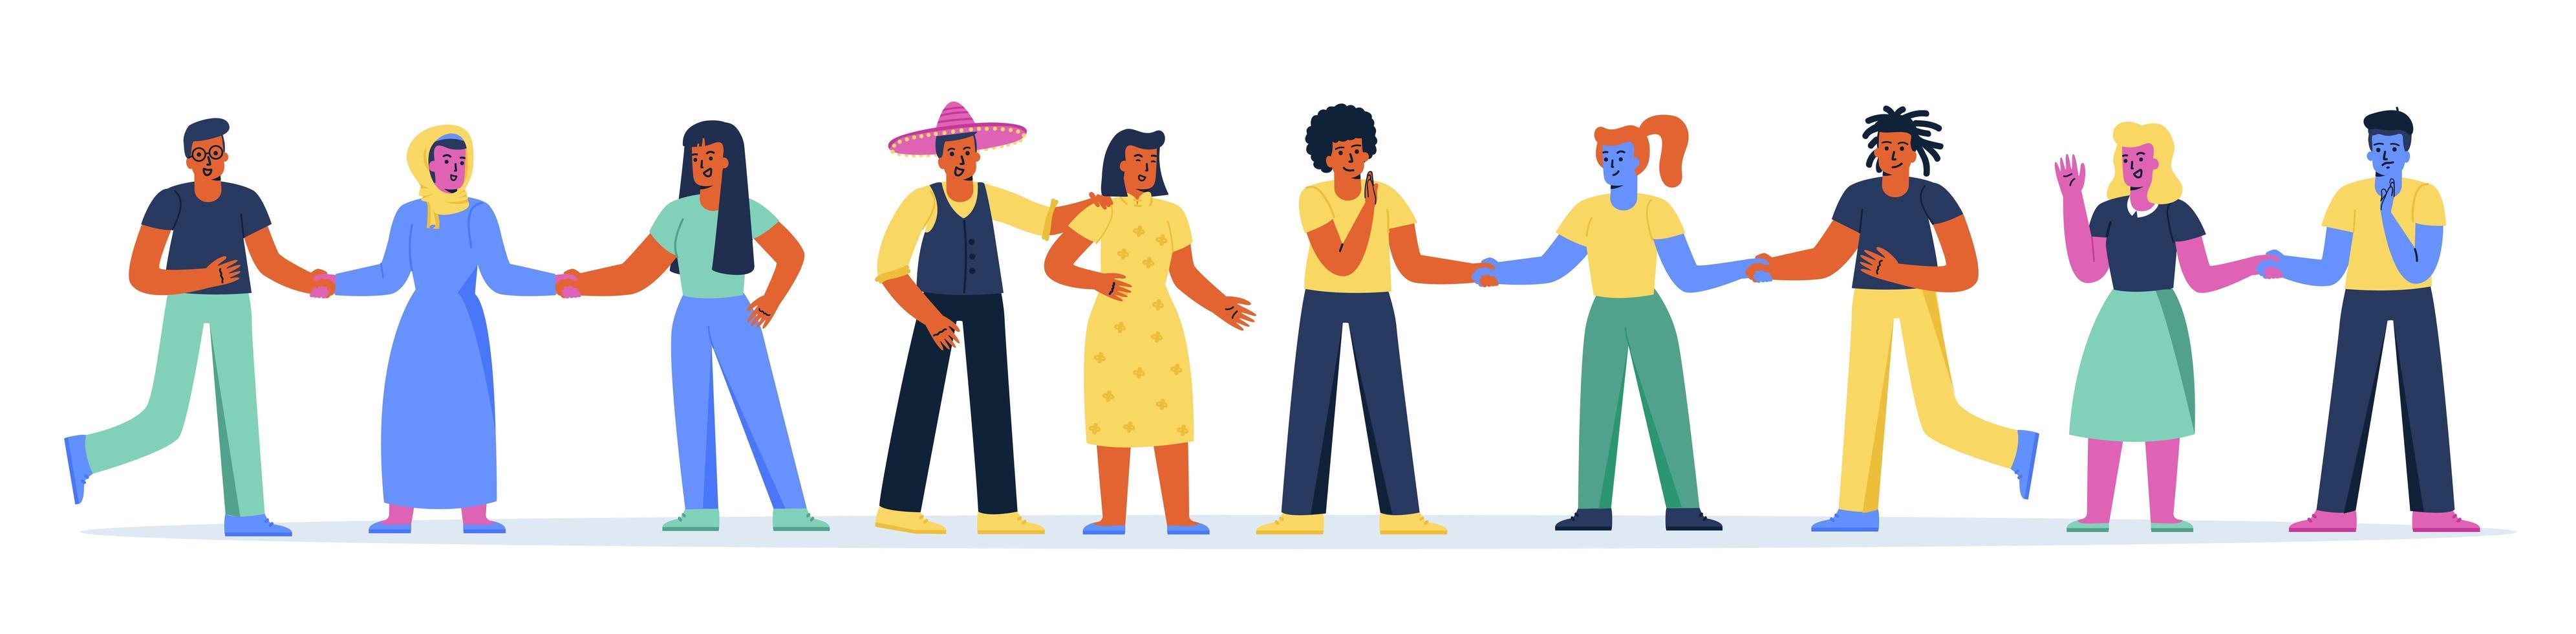 horizontale banner met multiraciale groep mensen vector